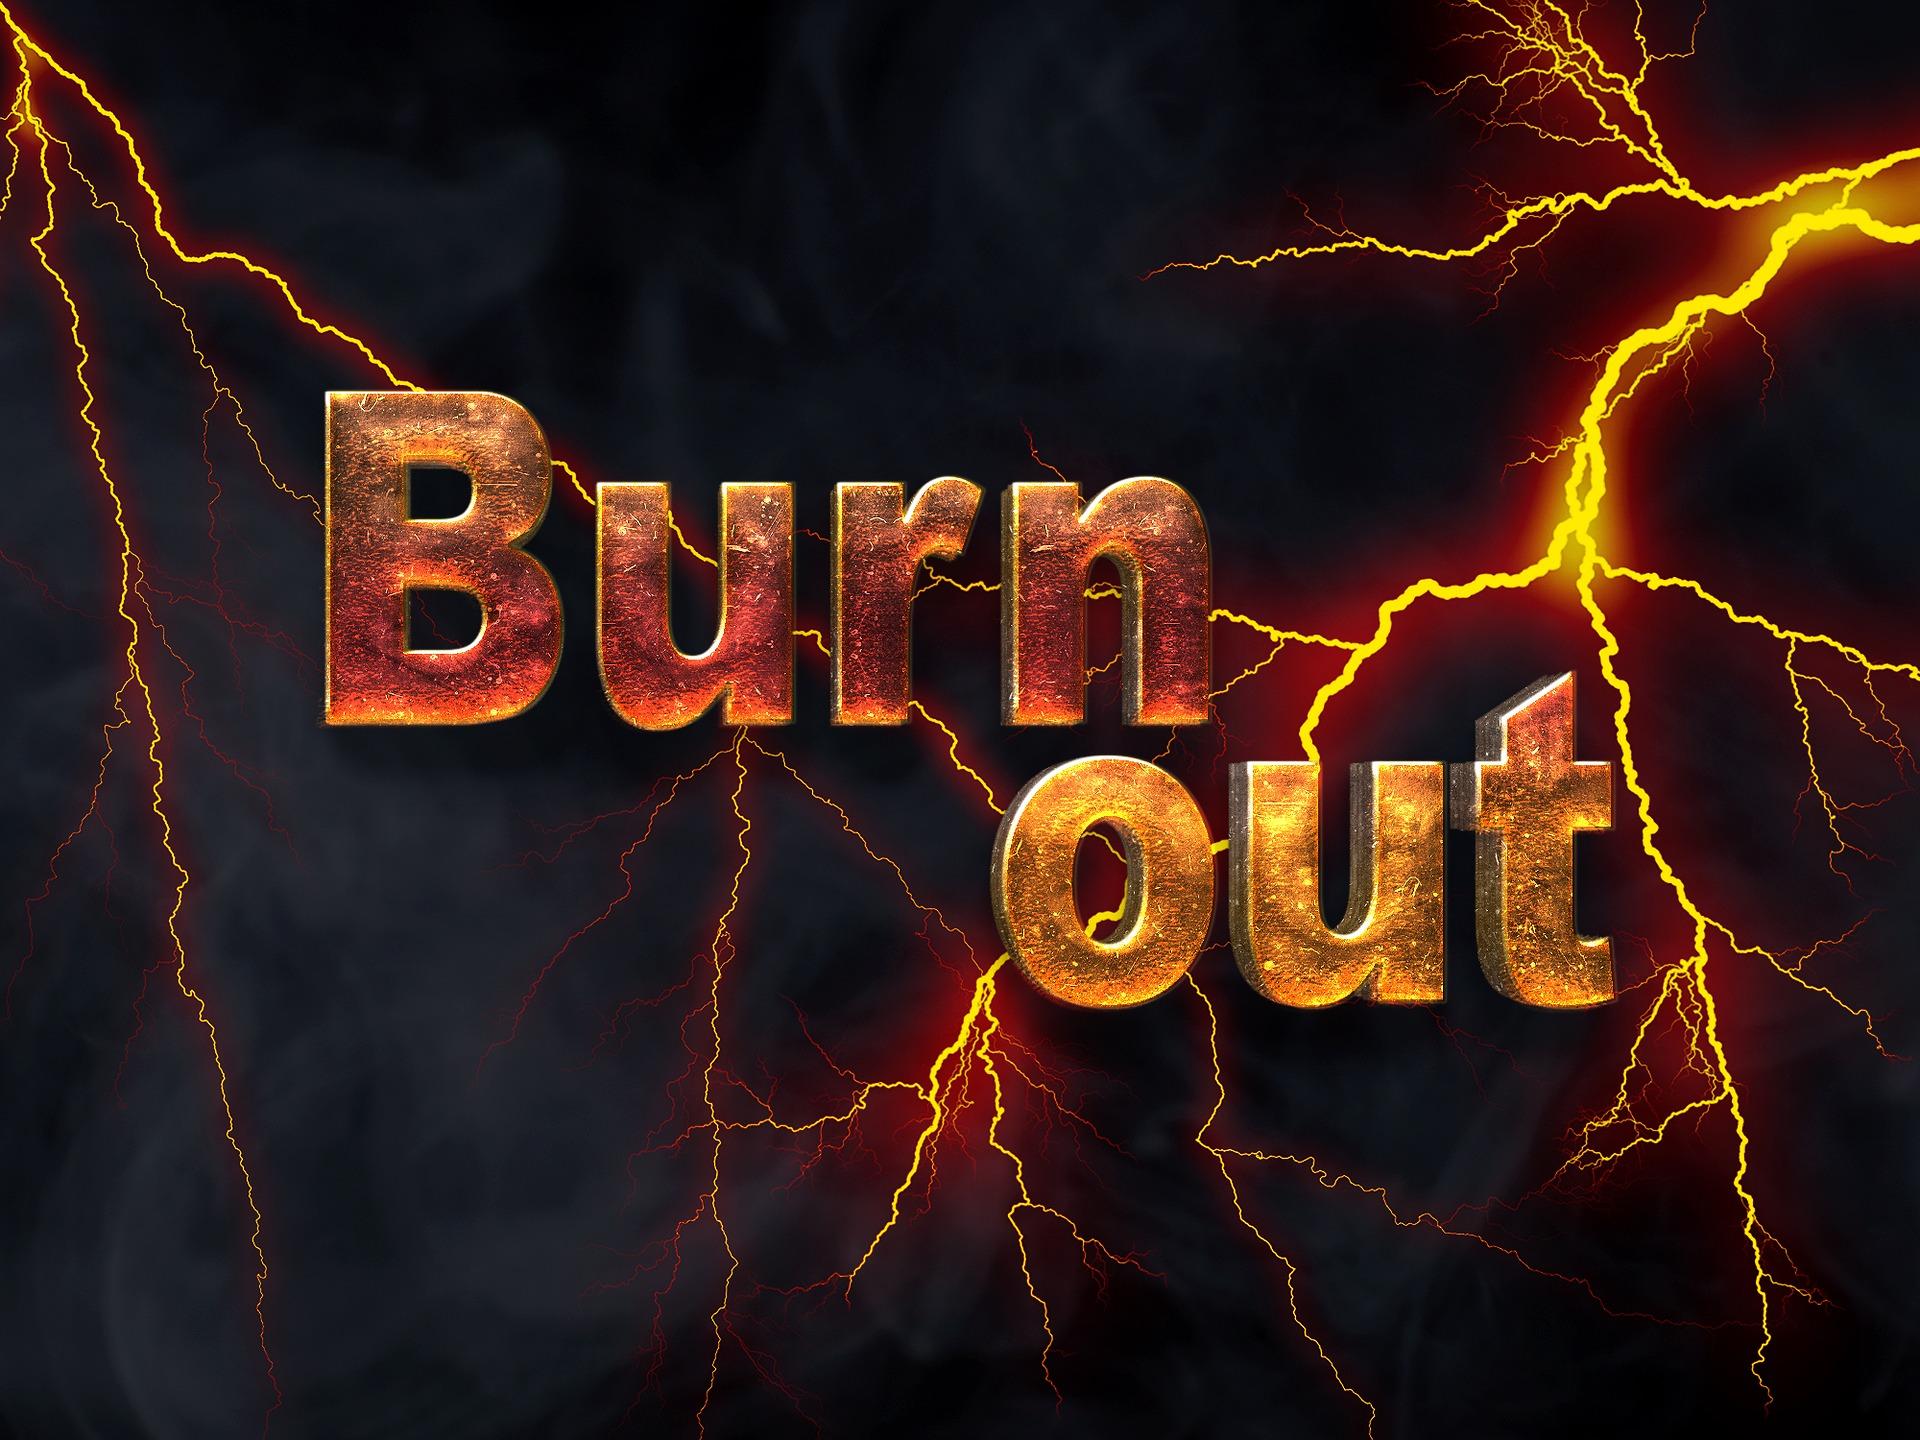 burnout-2166266_1920_darkmoon1968